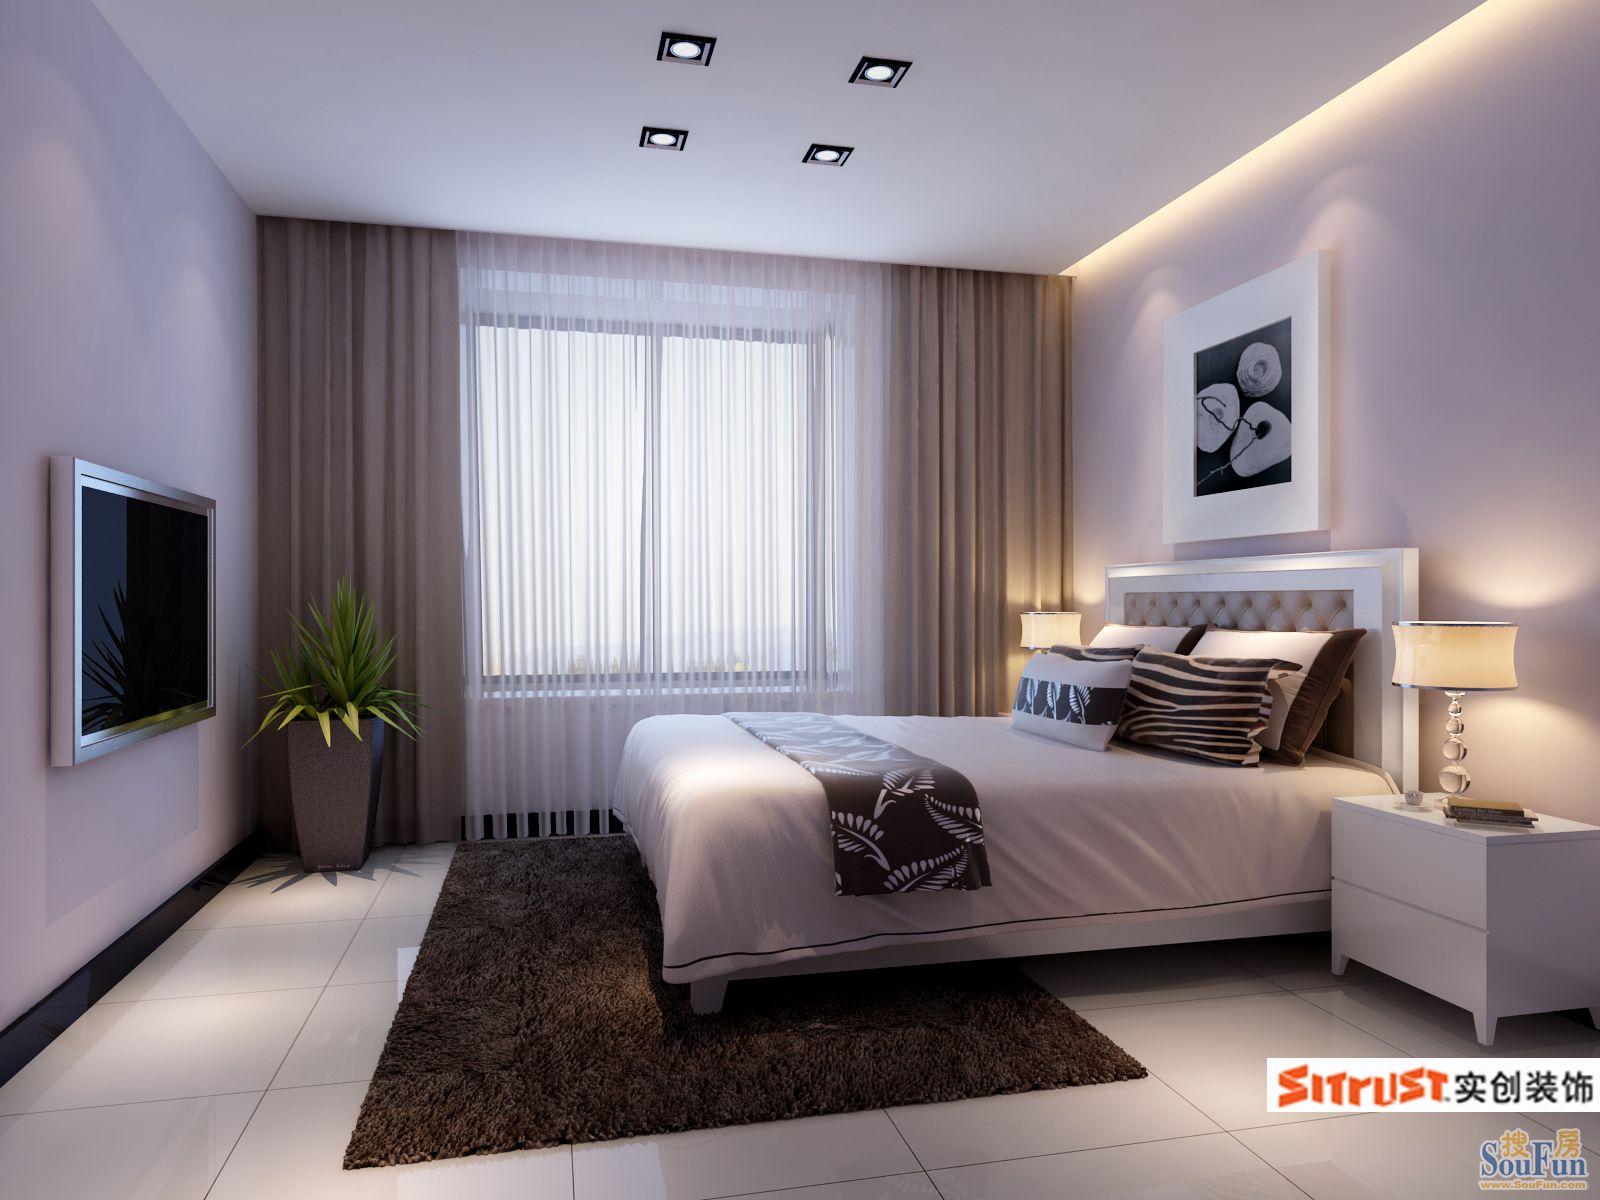 青岛金光丽园现代简约二居室装修效果图 80平米6万装修设计案例 青岛房天下家居装修网